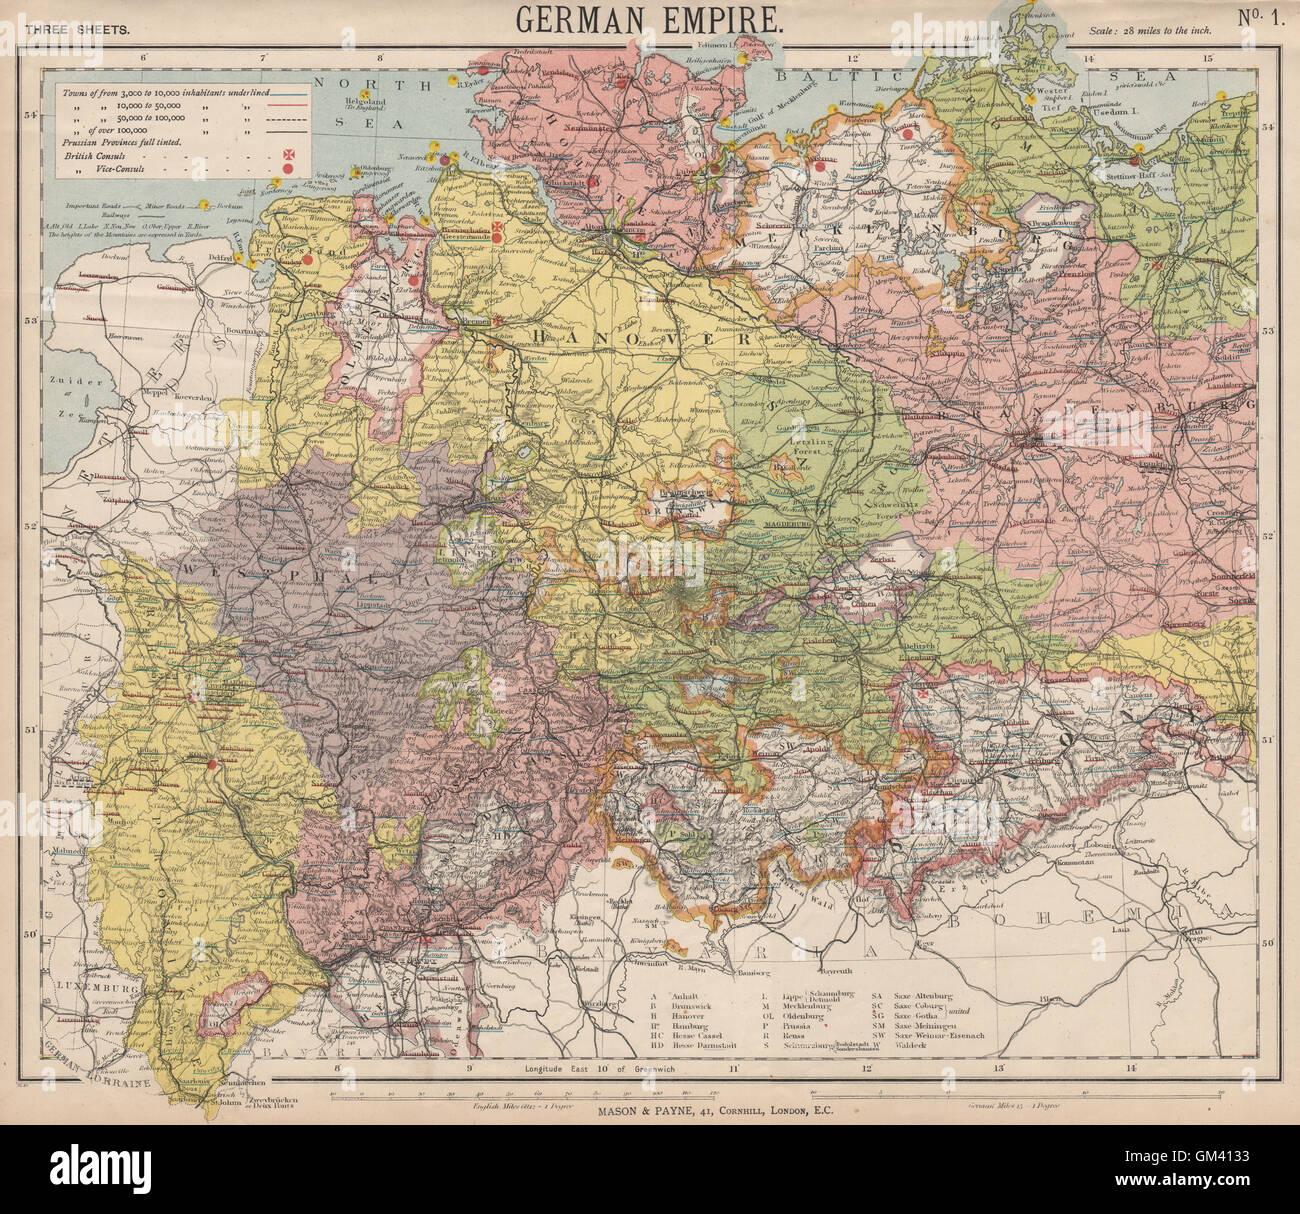 Deutsches Reich Karte.Deutsches Reich Preußischen Provinzen Leuchttürme Britische